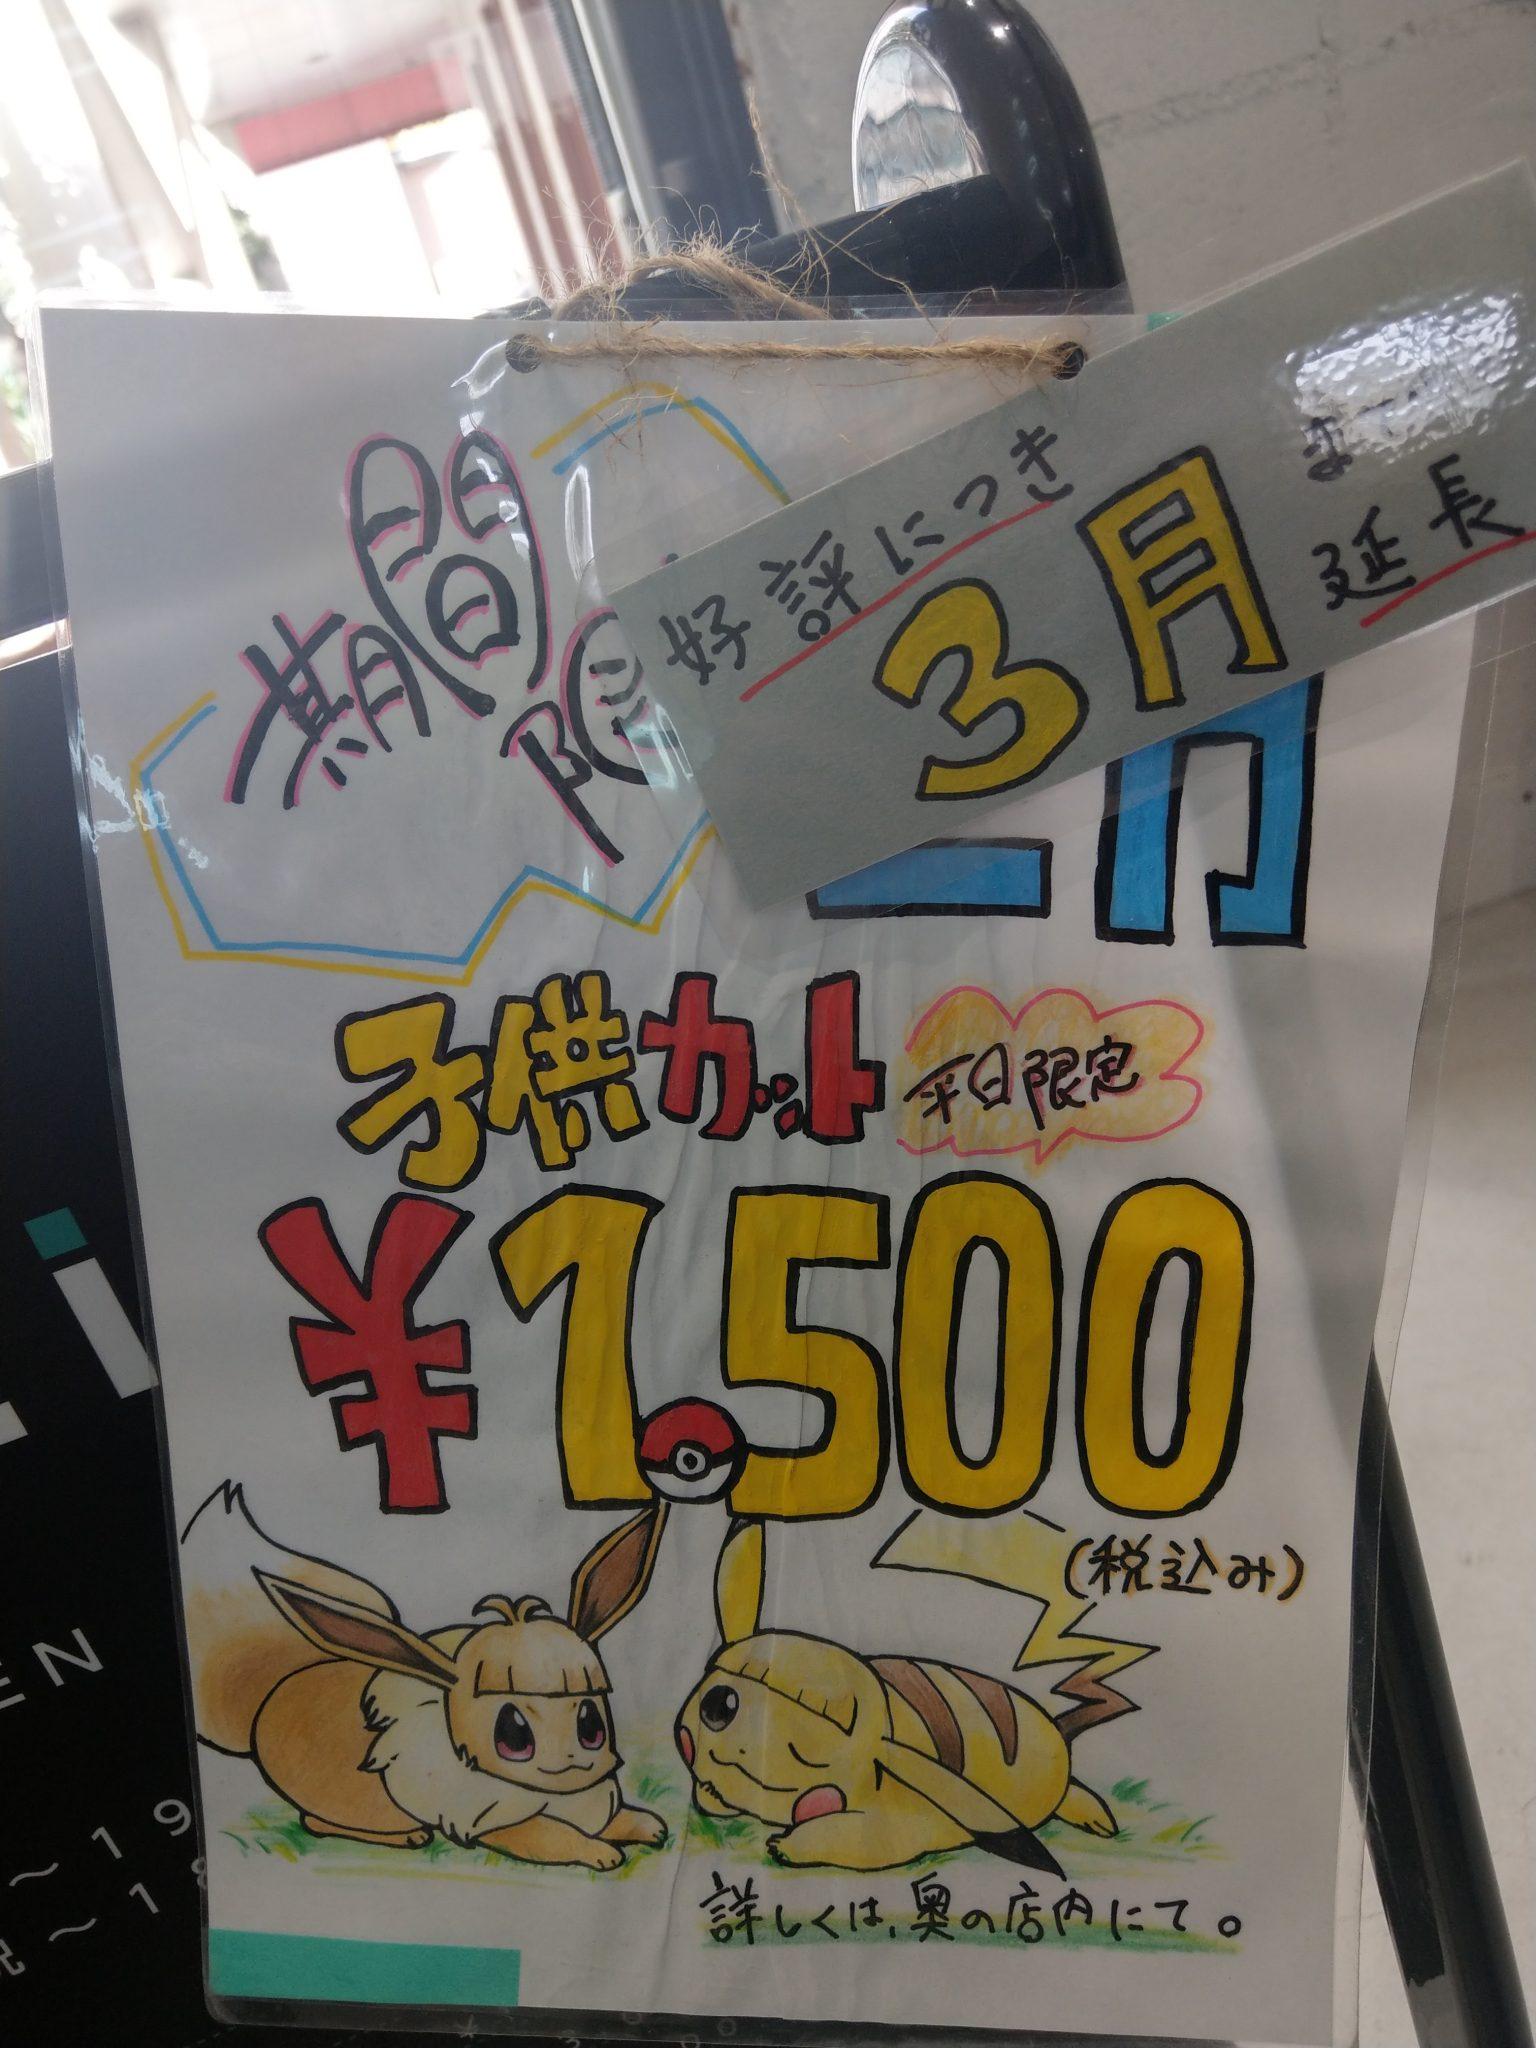 平日限定!子供カット1500円のお知らせ